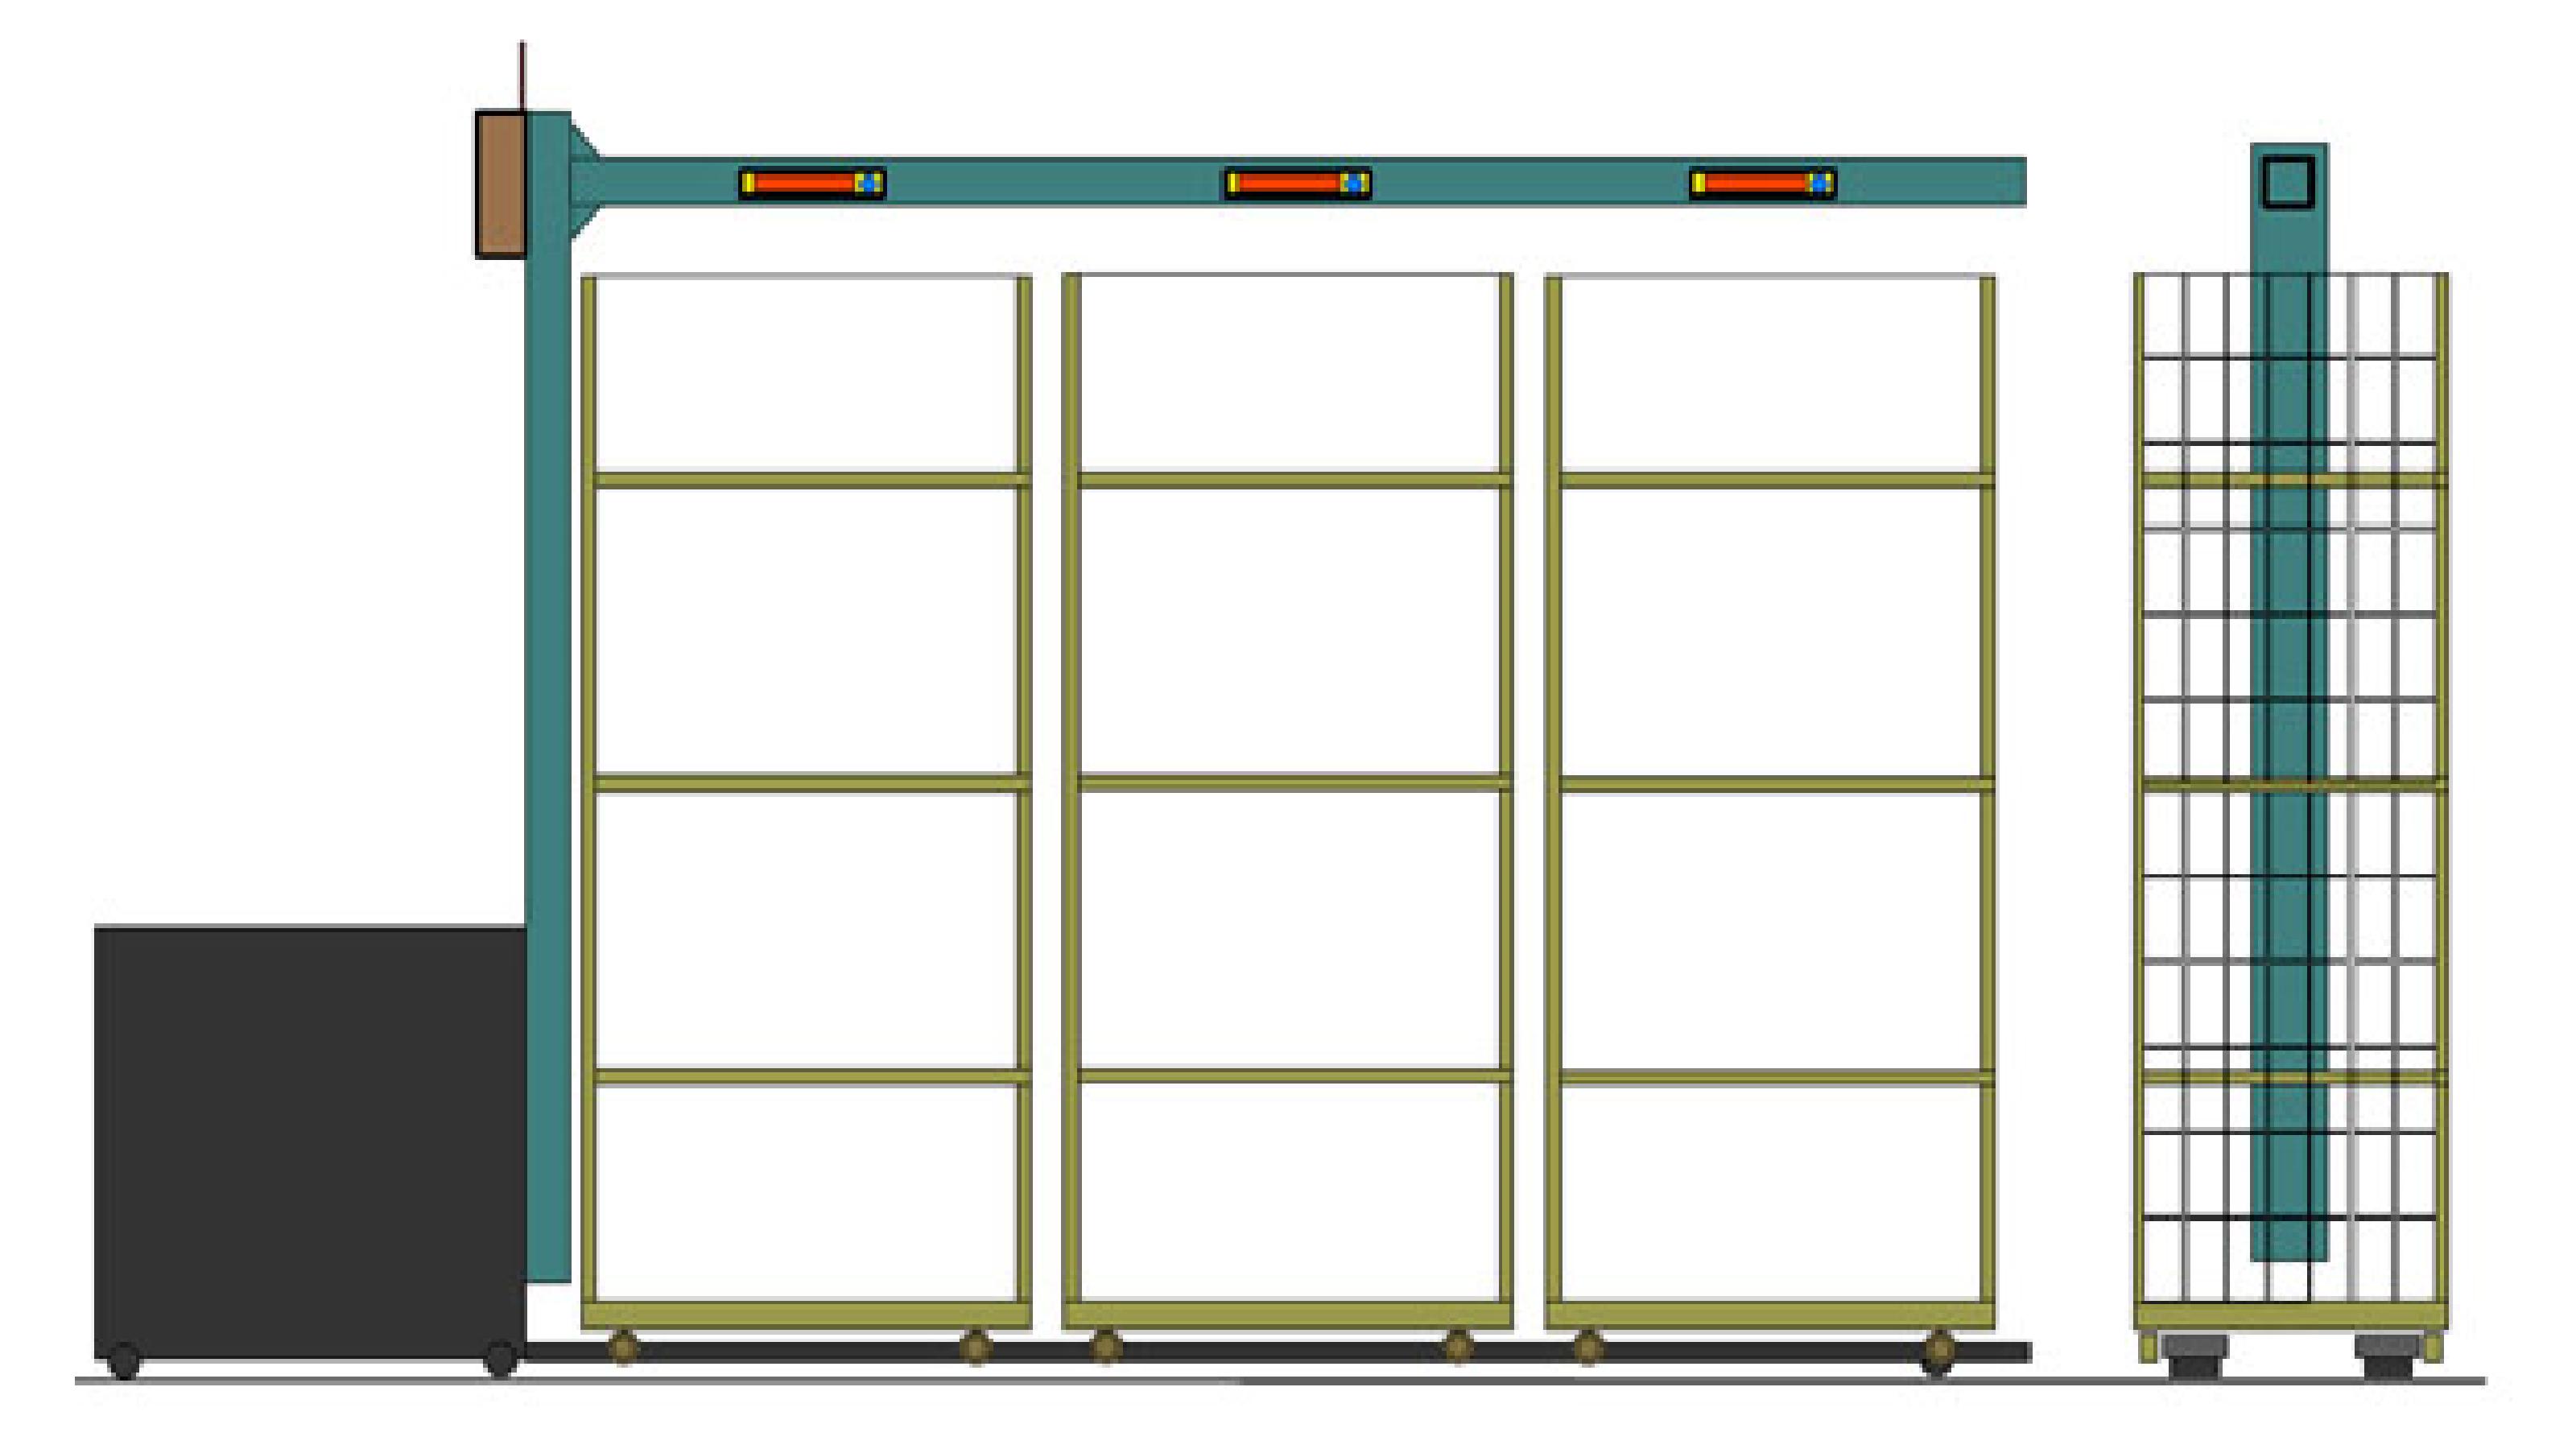 Electrotec, adapta los roll-containers para la preparación de pedidos con displays, Leds RGB y WIFI, reduce errores y costes un 60%